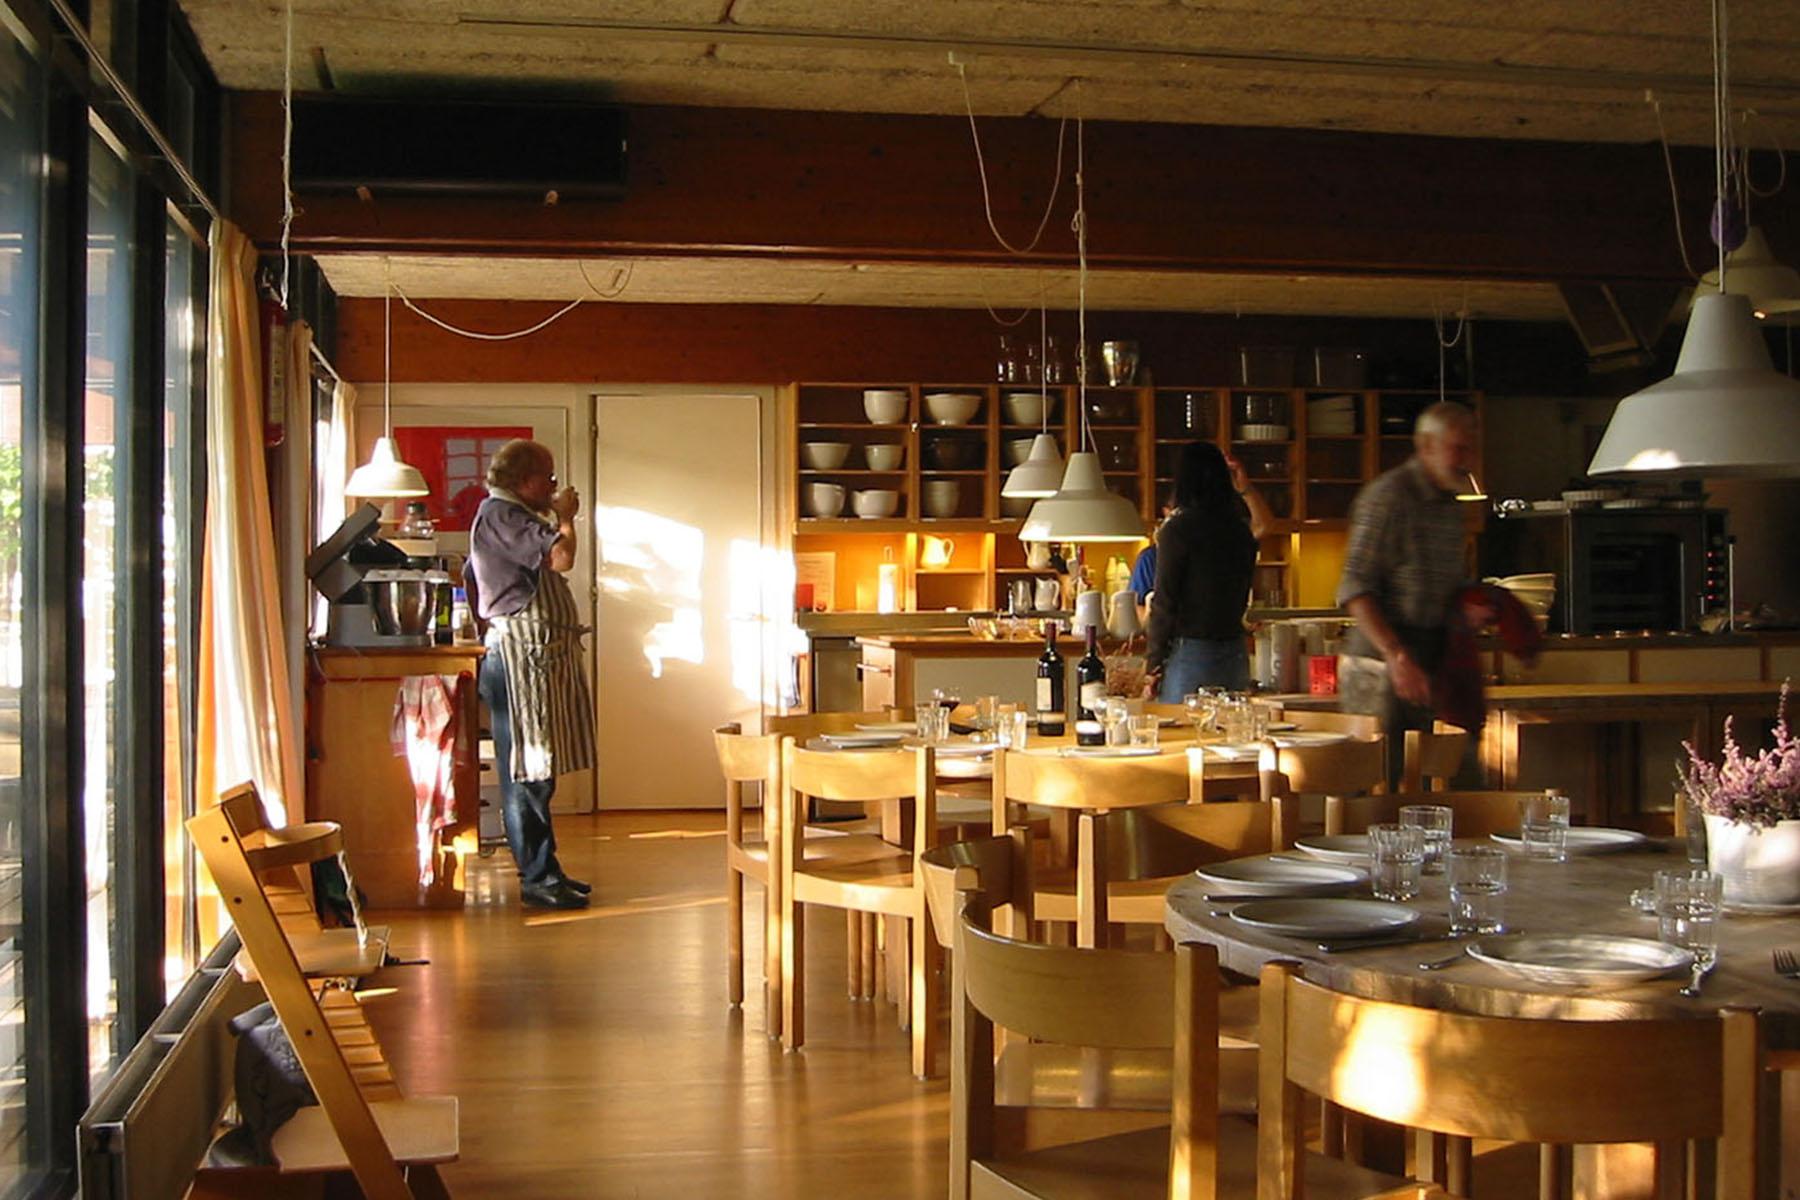 Saettedamen Cohousing  in Hilleroed, DK. Designed by Theo Bjerg og Palle Dyrebord